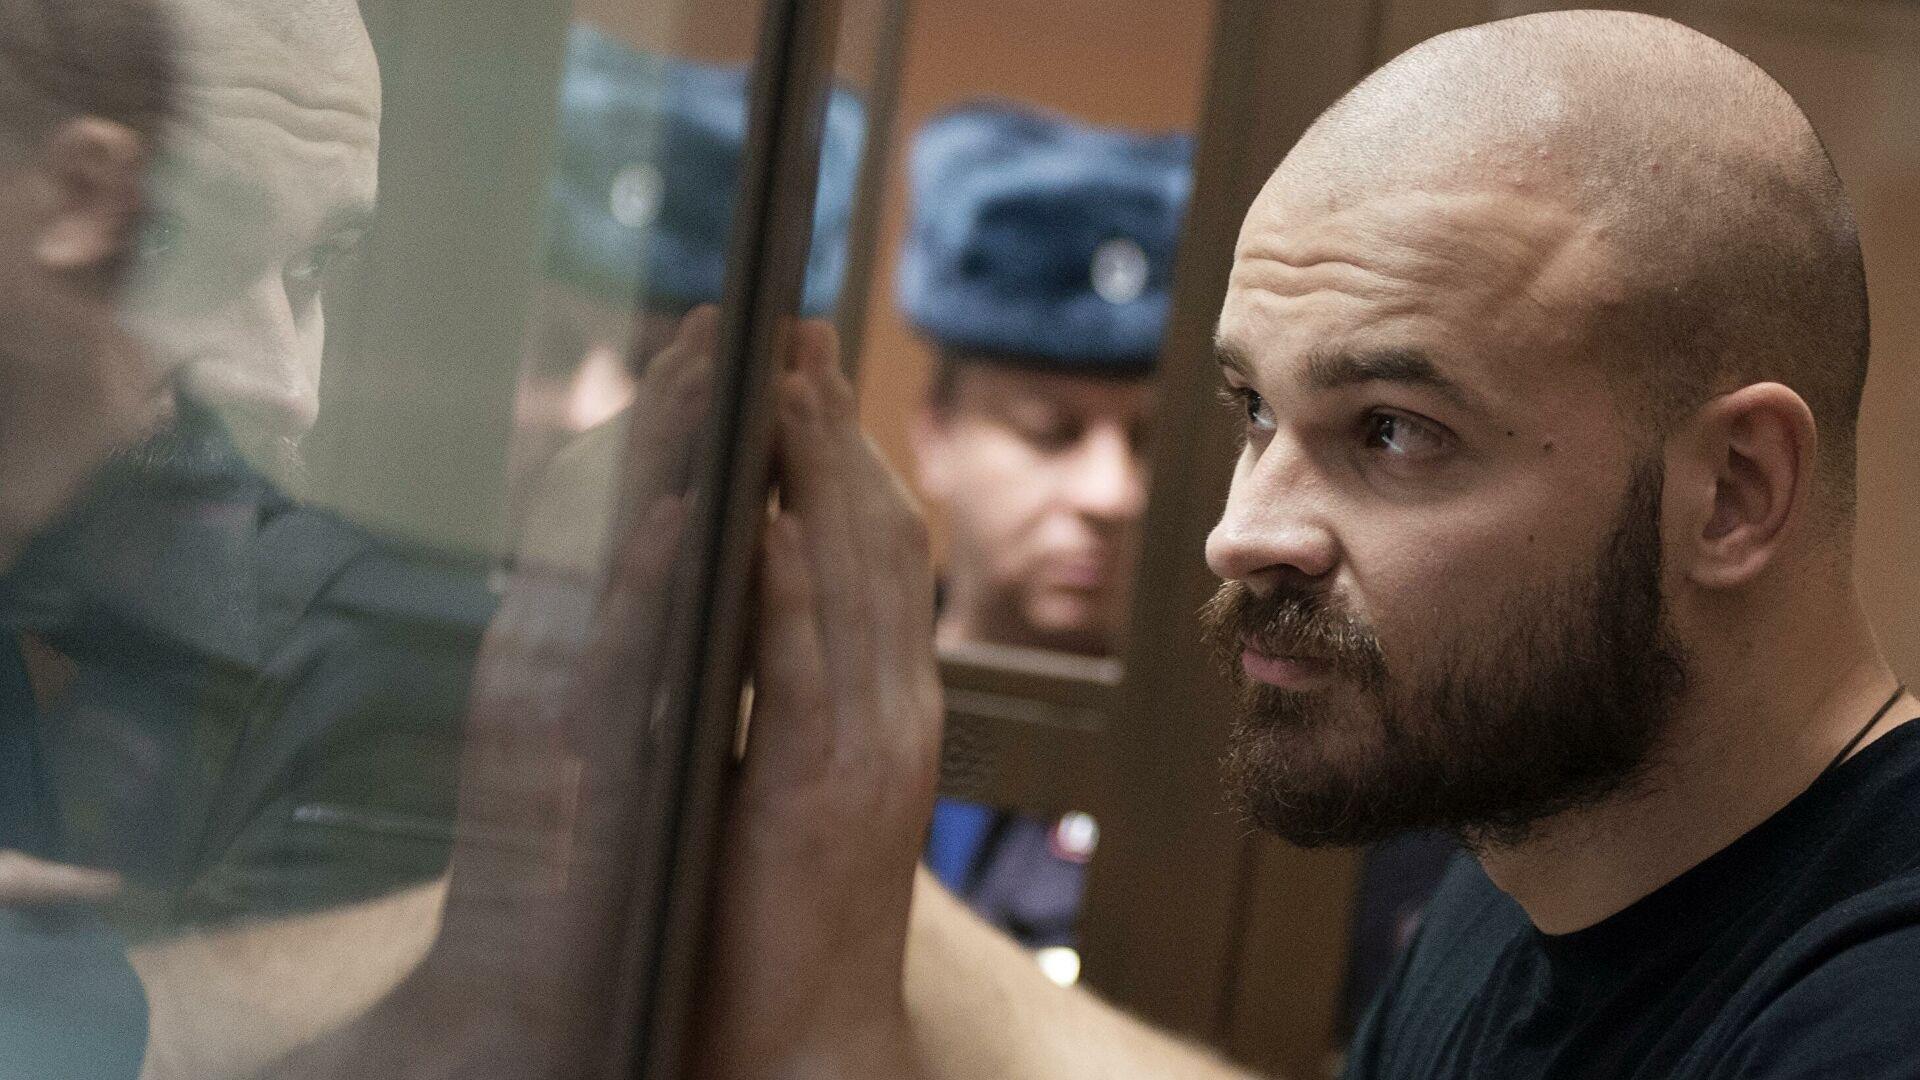 Максим марцинкевич (тесак) — фото, биография, личная жизнь, причина смерти, видеоблогер, неонацист 2020 - 24сми